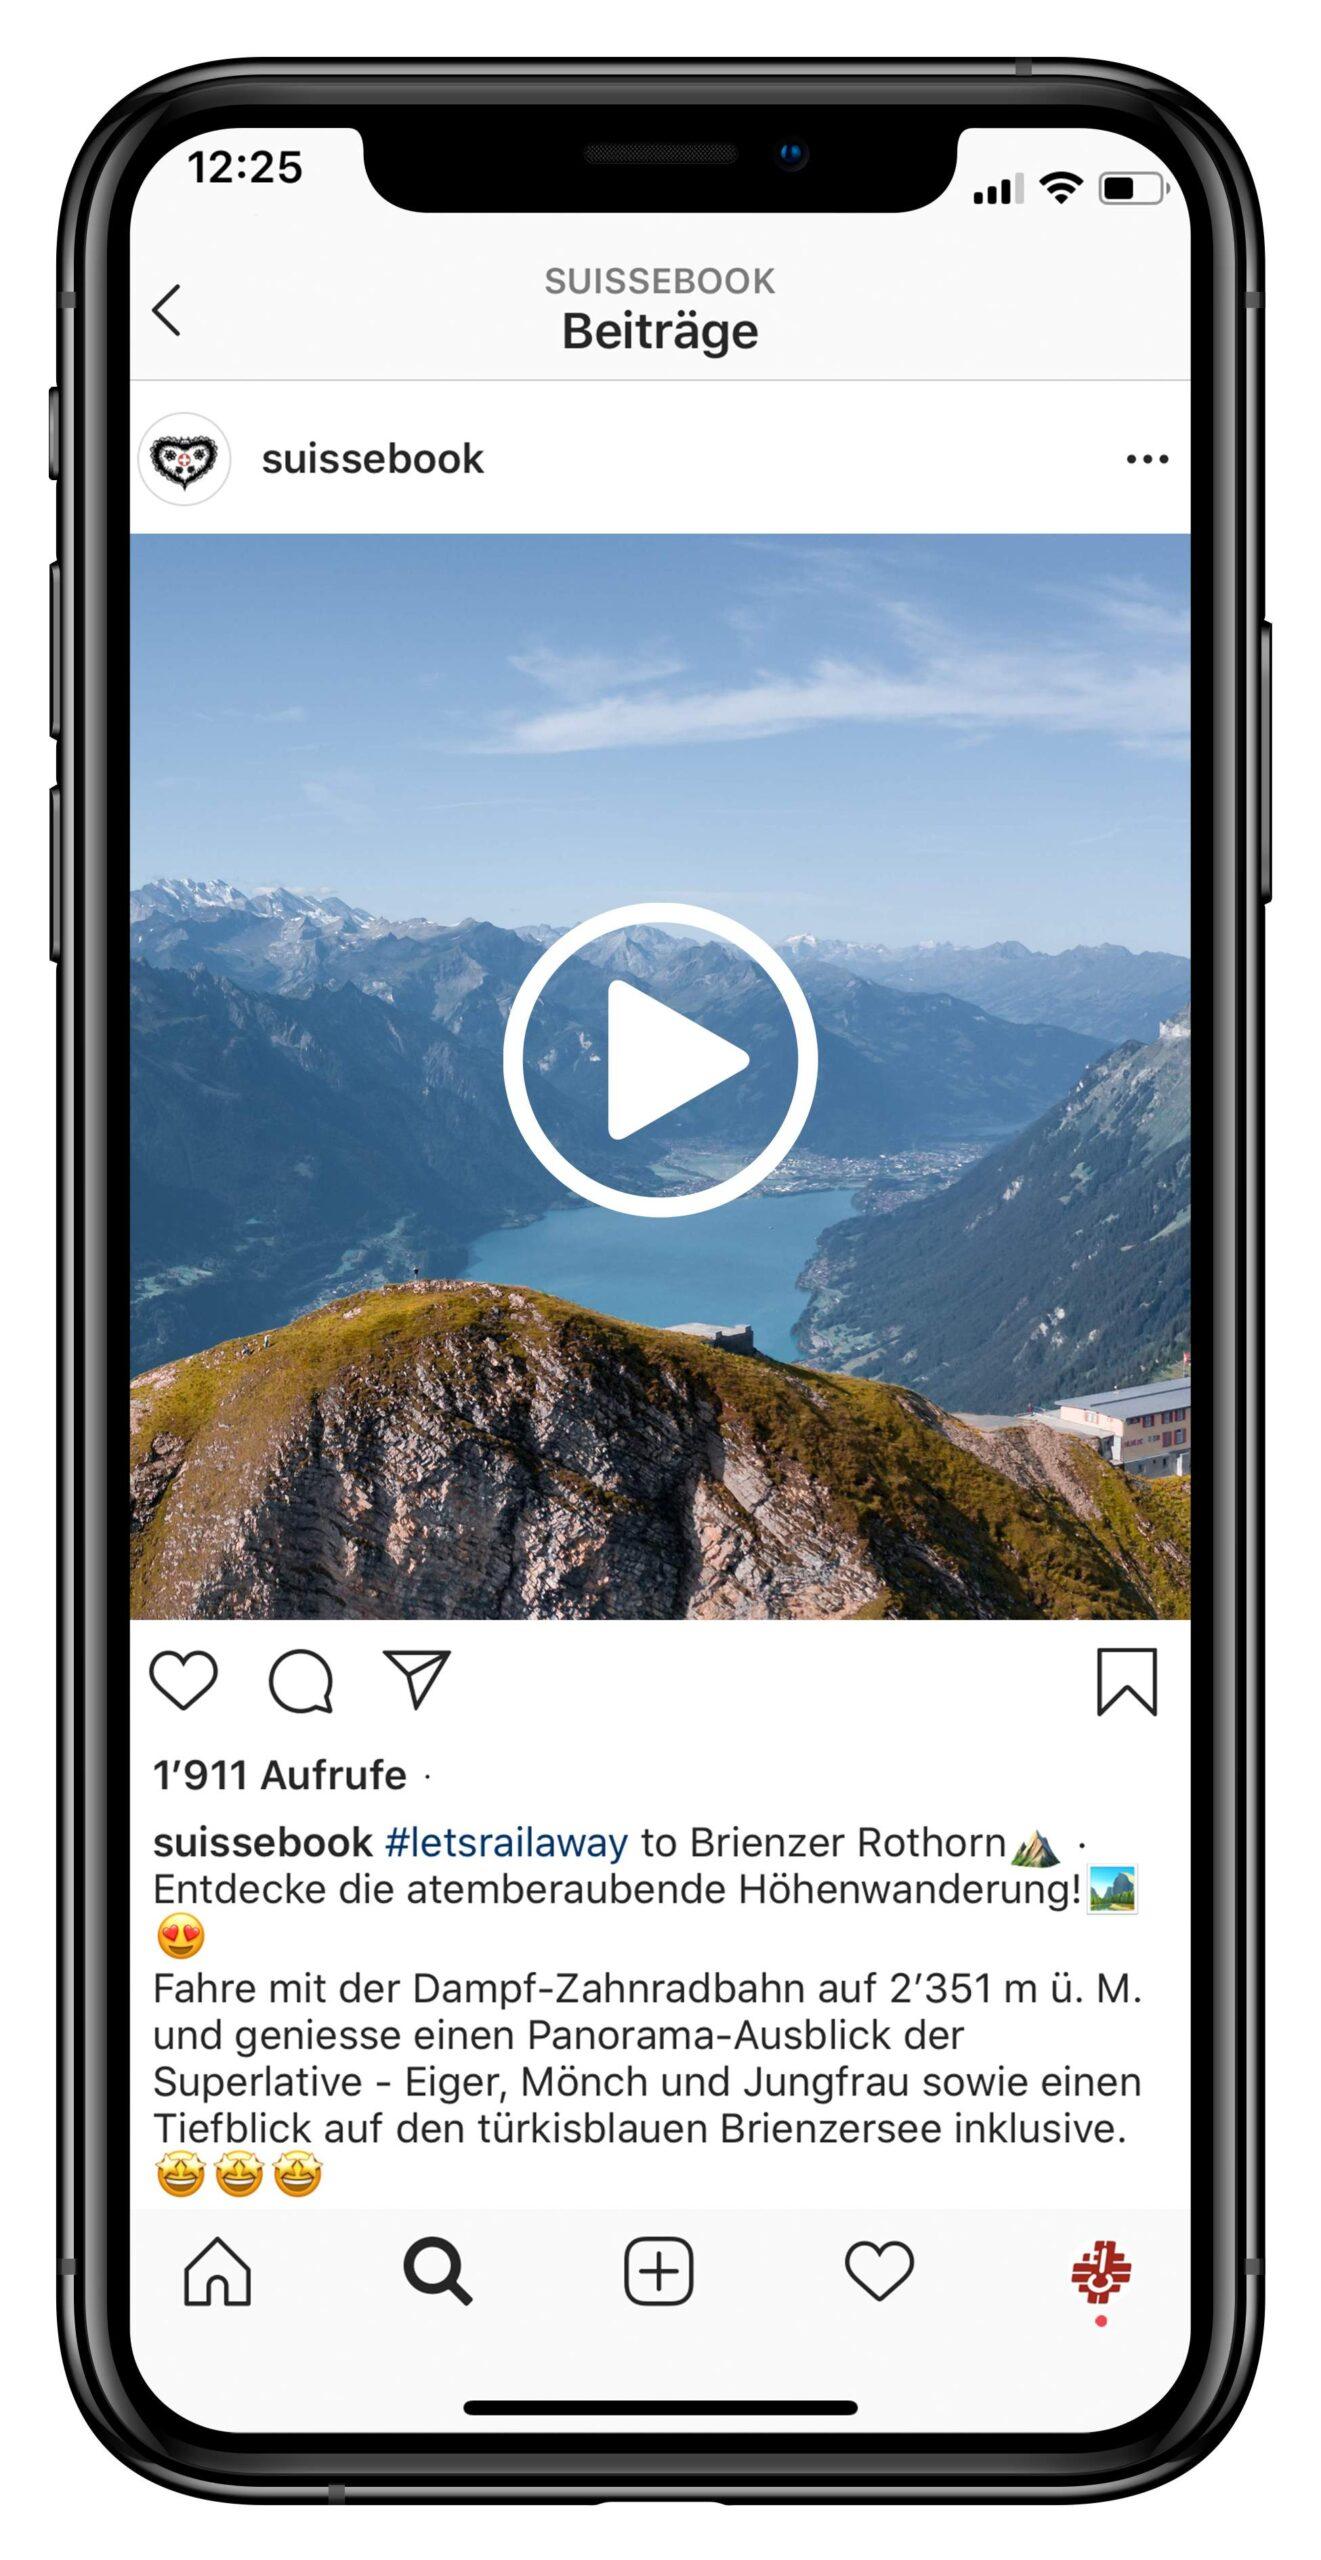 Das Bild zeigt ein Instagram Post